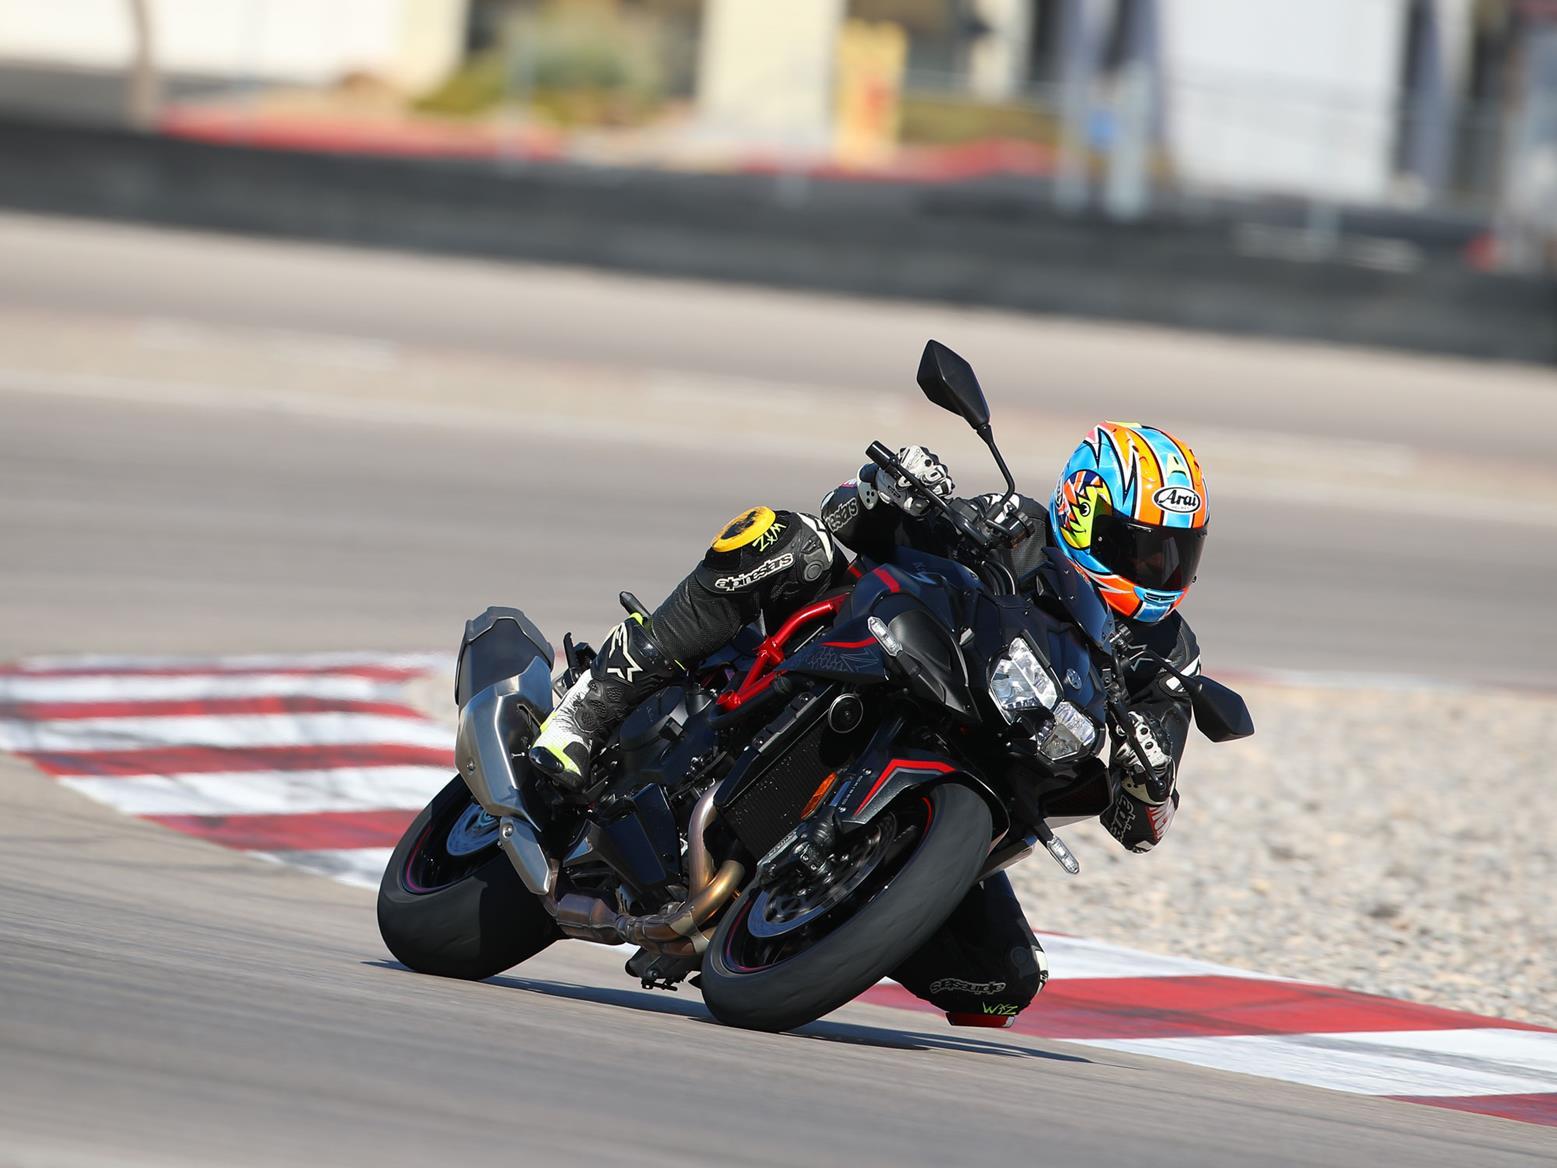 On track aboard the Kawasaki Z H2